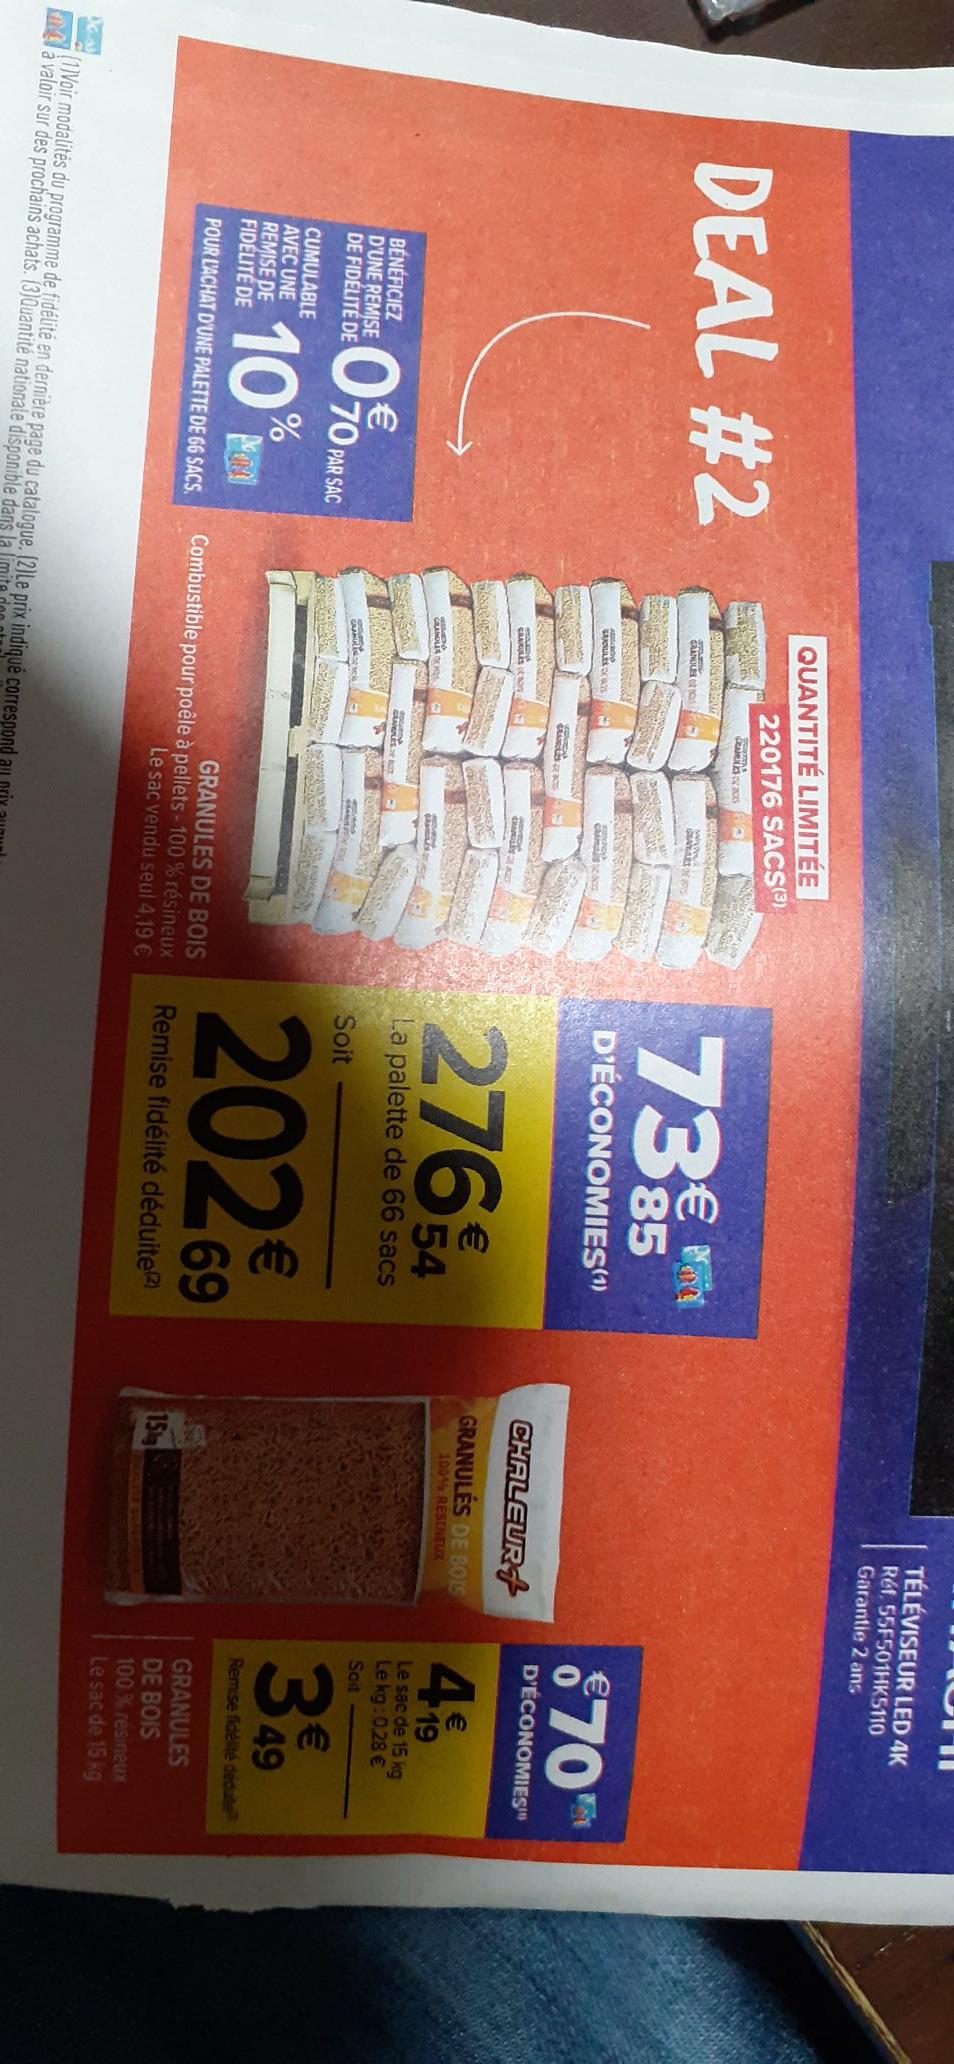 Palette de 66 sacs de granulés de bois 100% résineux (via 73.85€ sur la carte de fidélité)